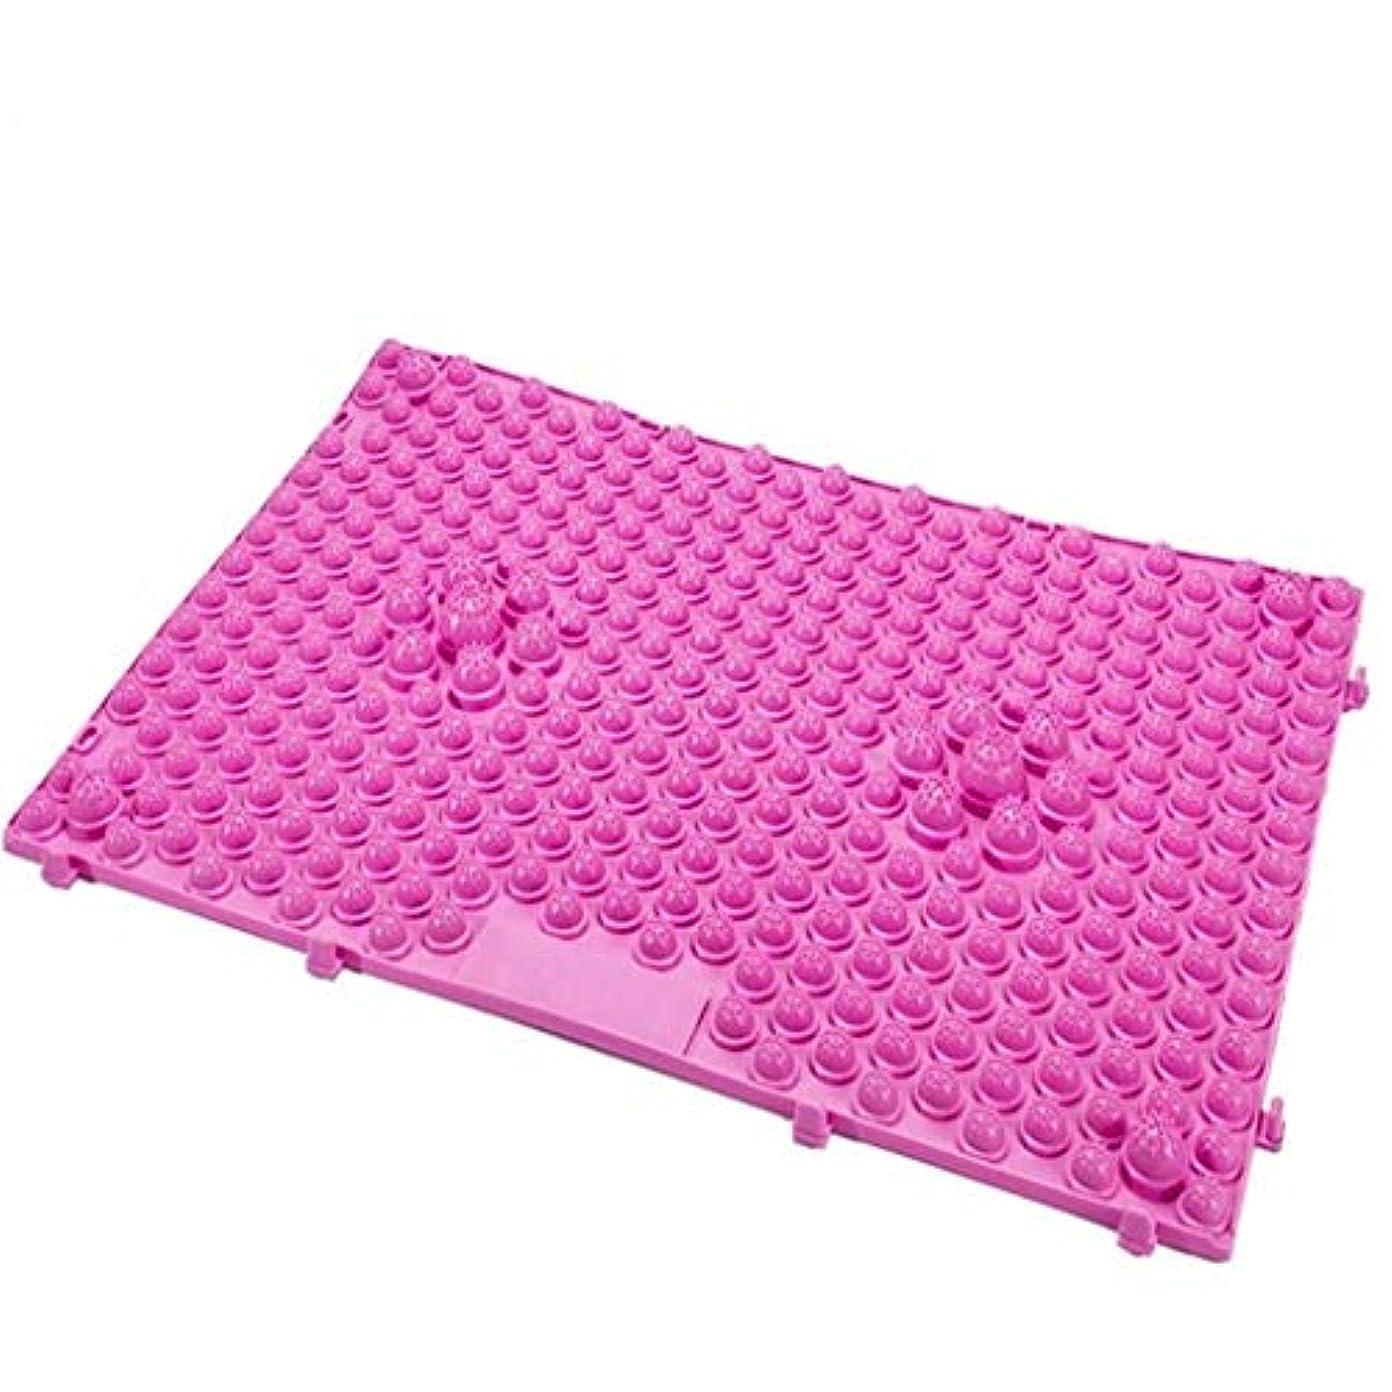 フットマッサージャー、フットマッサージ指圧パッド、フット/トーマッサージパッド、バスルームマット/ヨガマット/スポーツマット (Color : ピンク)